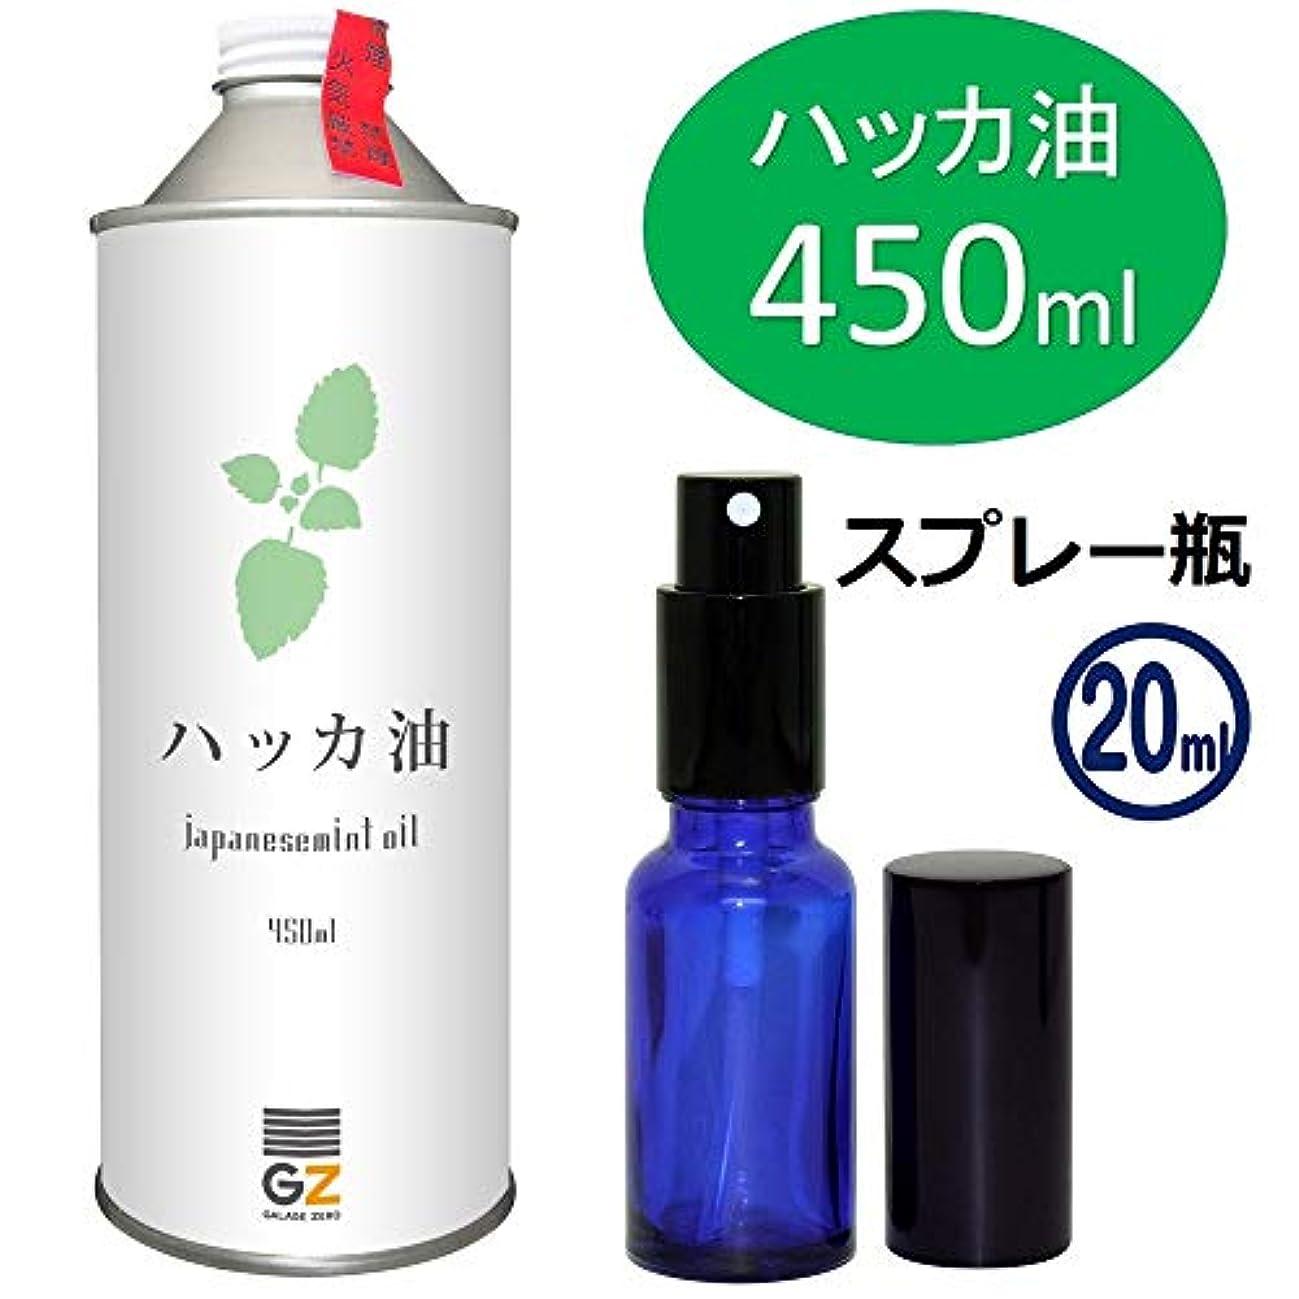 奨励ベリーベイビーガレージ?ゼロ ハッカ油 450ml(GZAK13)+ガラス瓶 スプレーボトル20ml/和種薄荷/ジャパニーズミント GSE534